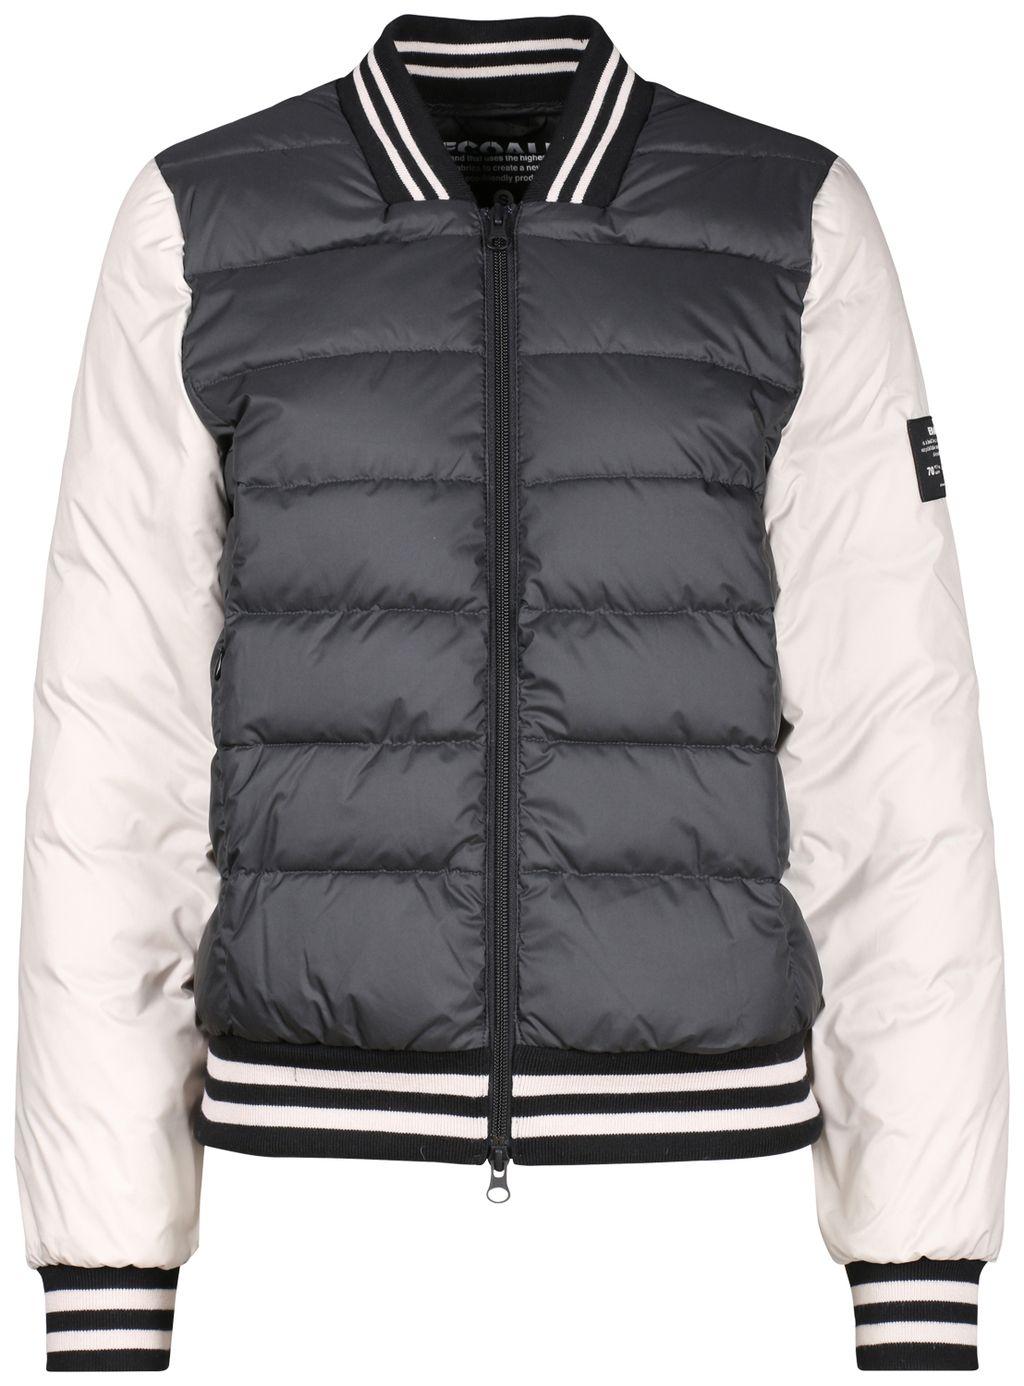 Lässige Jacke HELSINKI COLLEGE von ECOALF | Jacken, Fashion